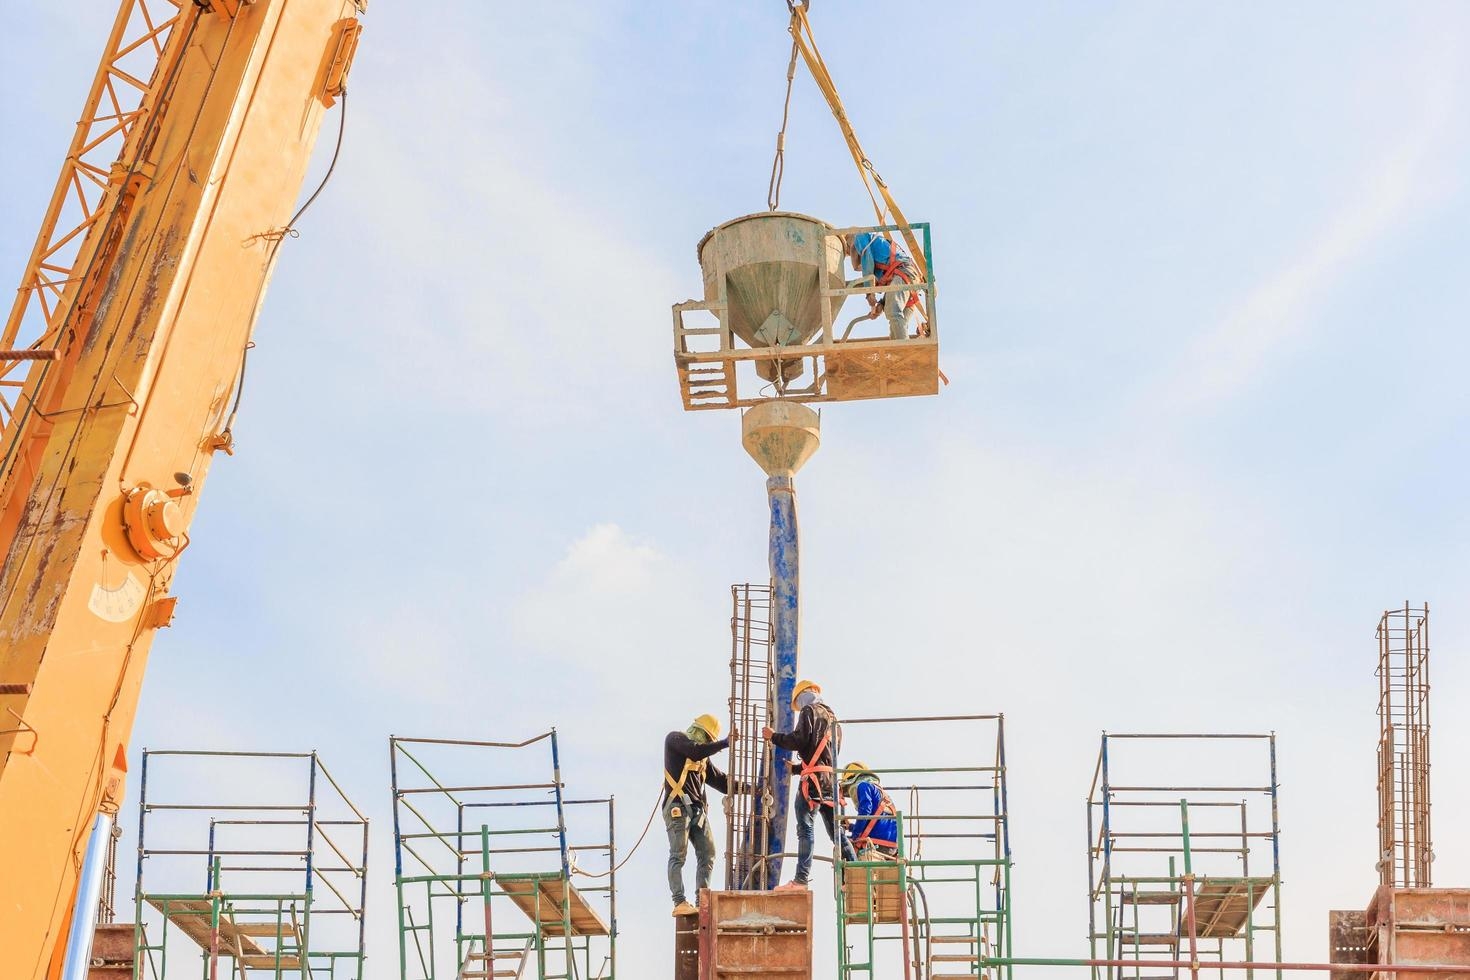 byggnadsarbetare som arbetar med byggnadsställningar på hög nivå enligt de normer som ställts foto